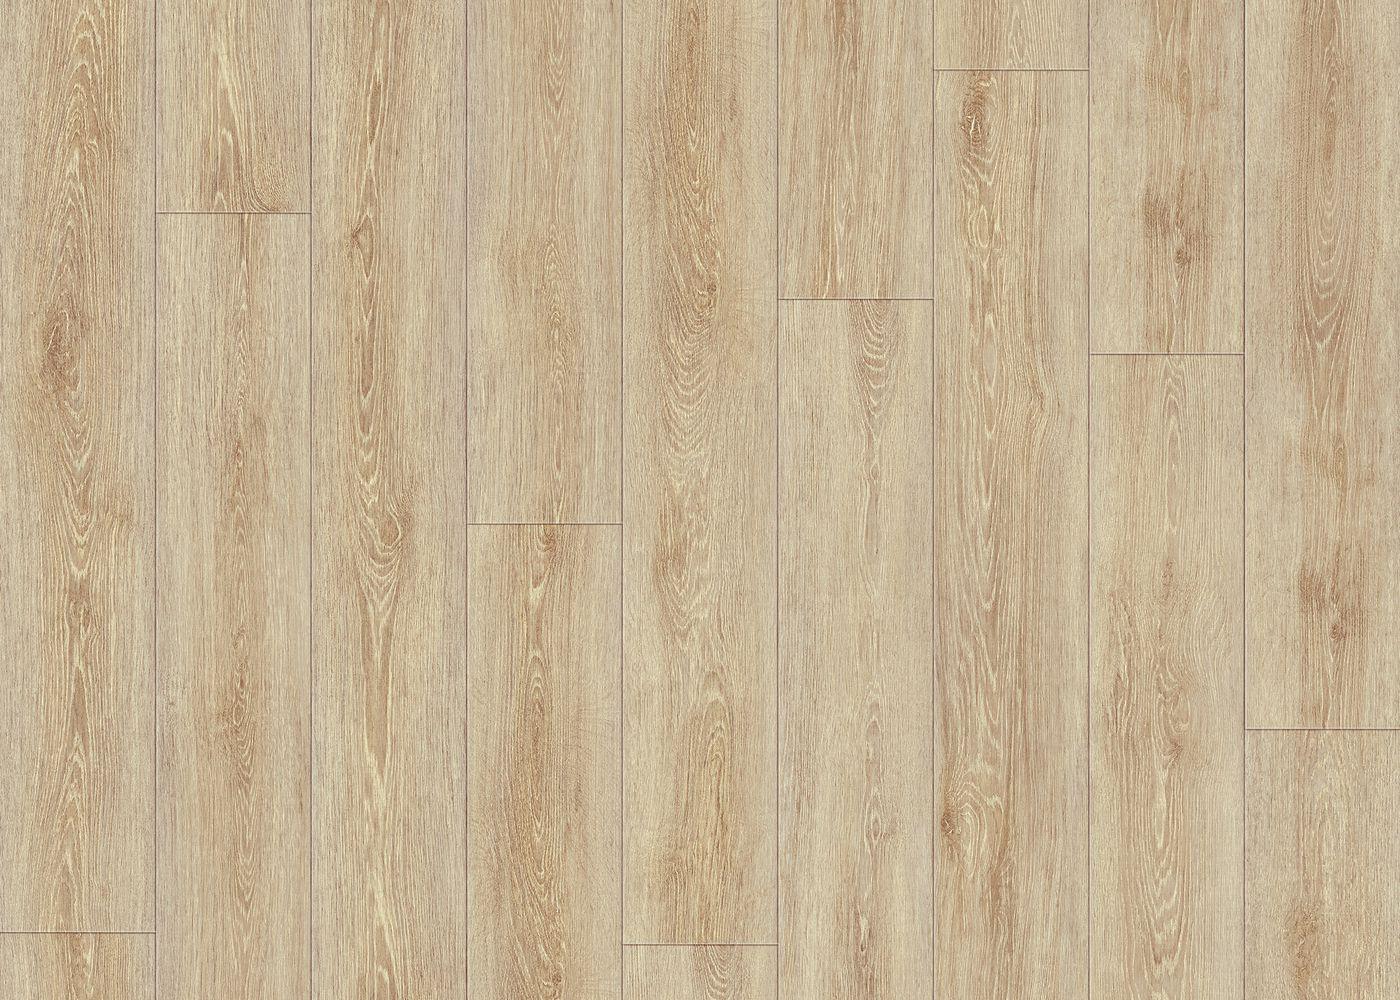 Lames vinyles passage intensif clipsable 55 monolame g4 décor Chêne toulon 109s - couche d'usure 0,55mm Passage intensif